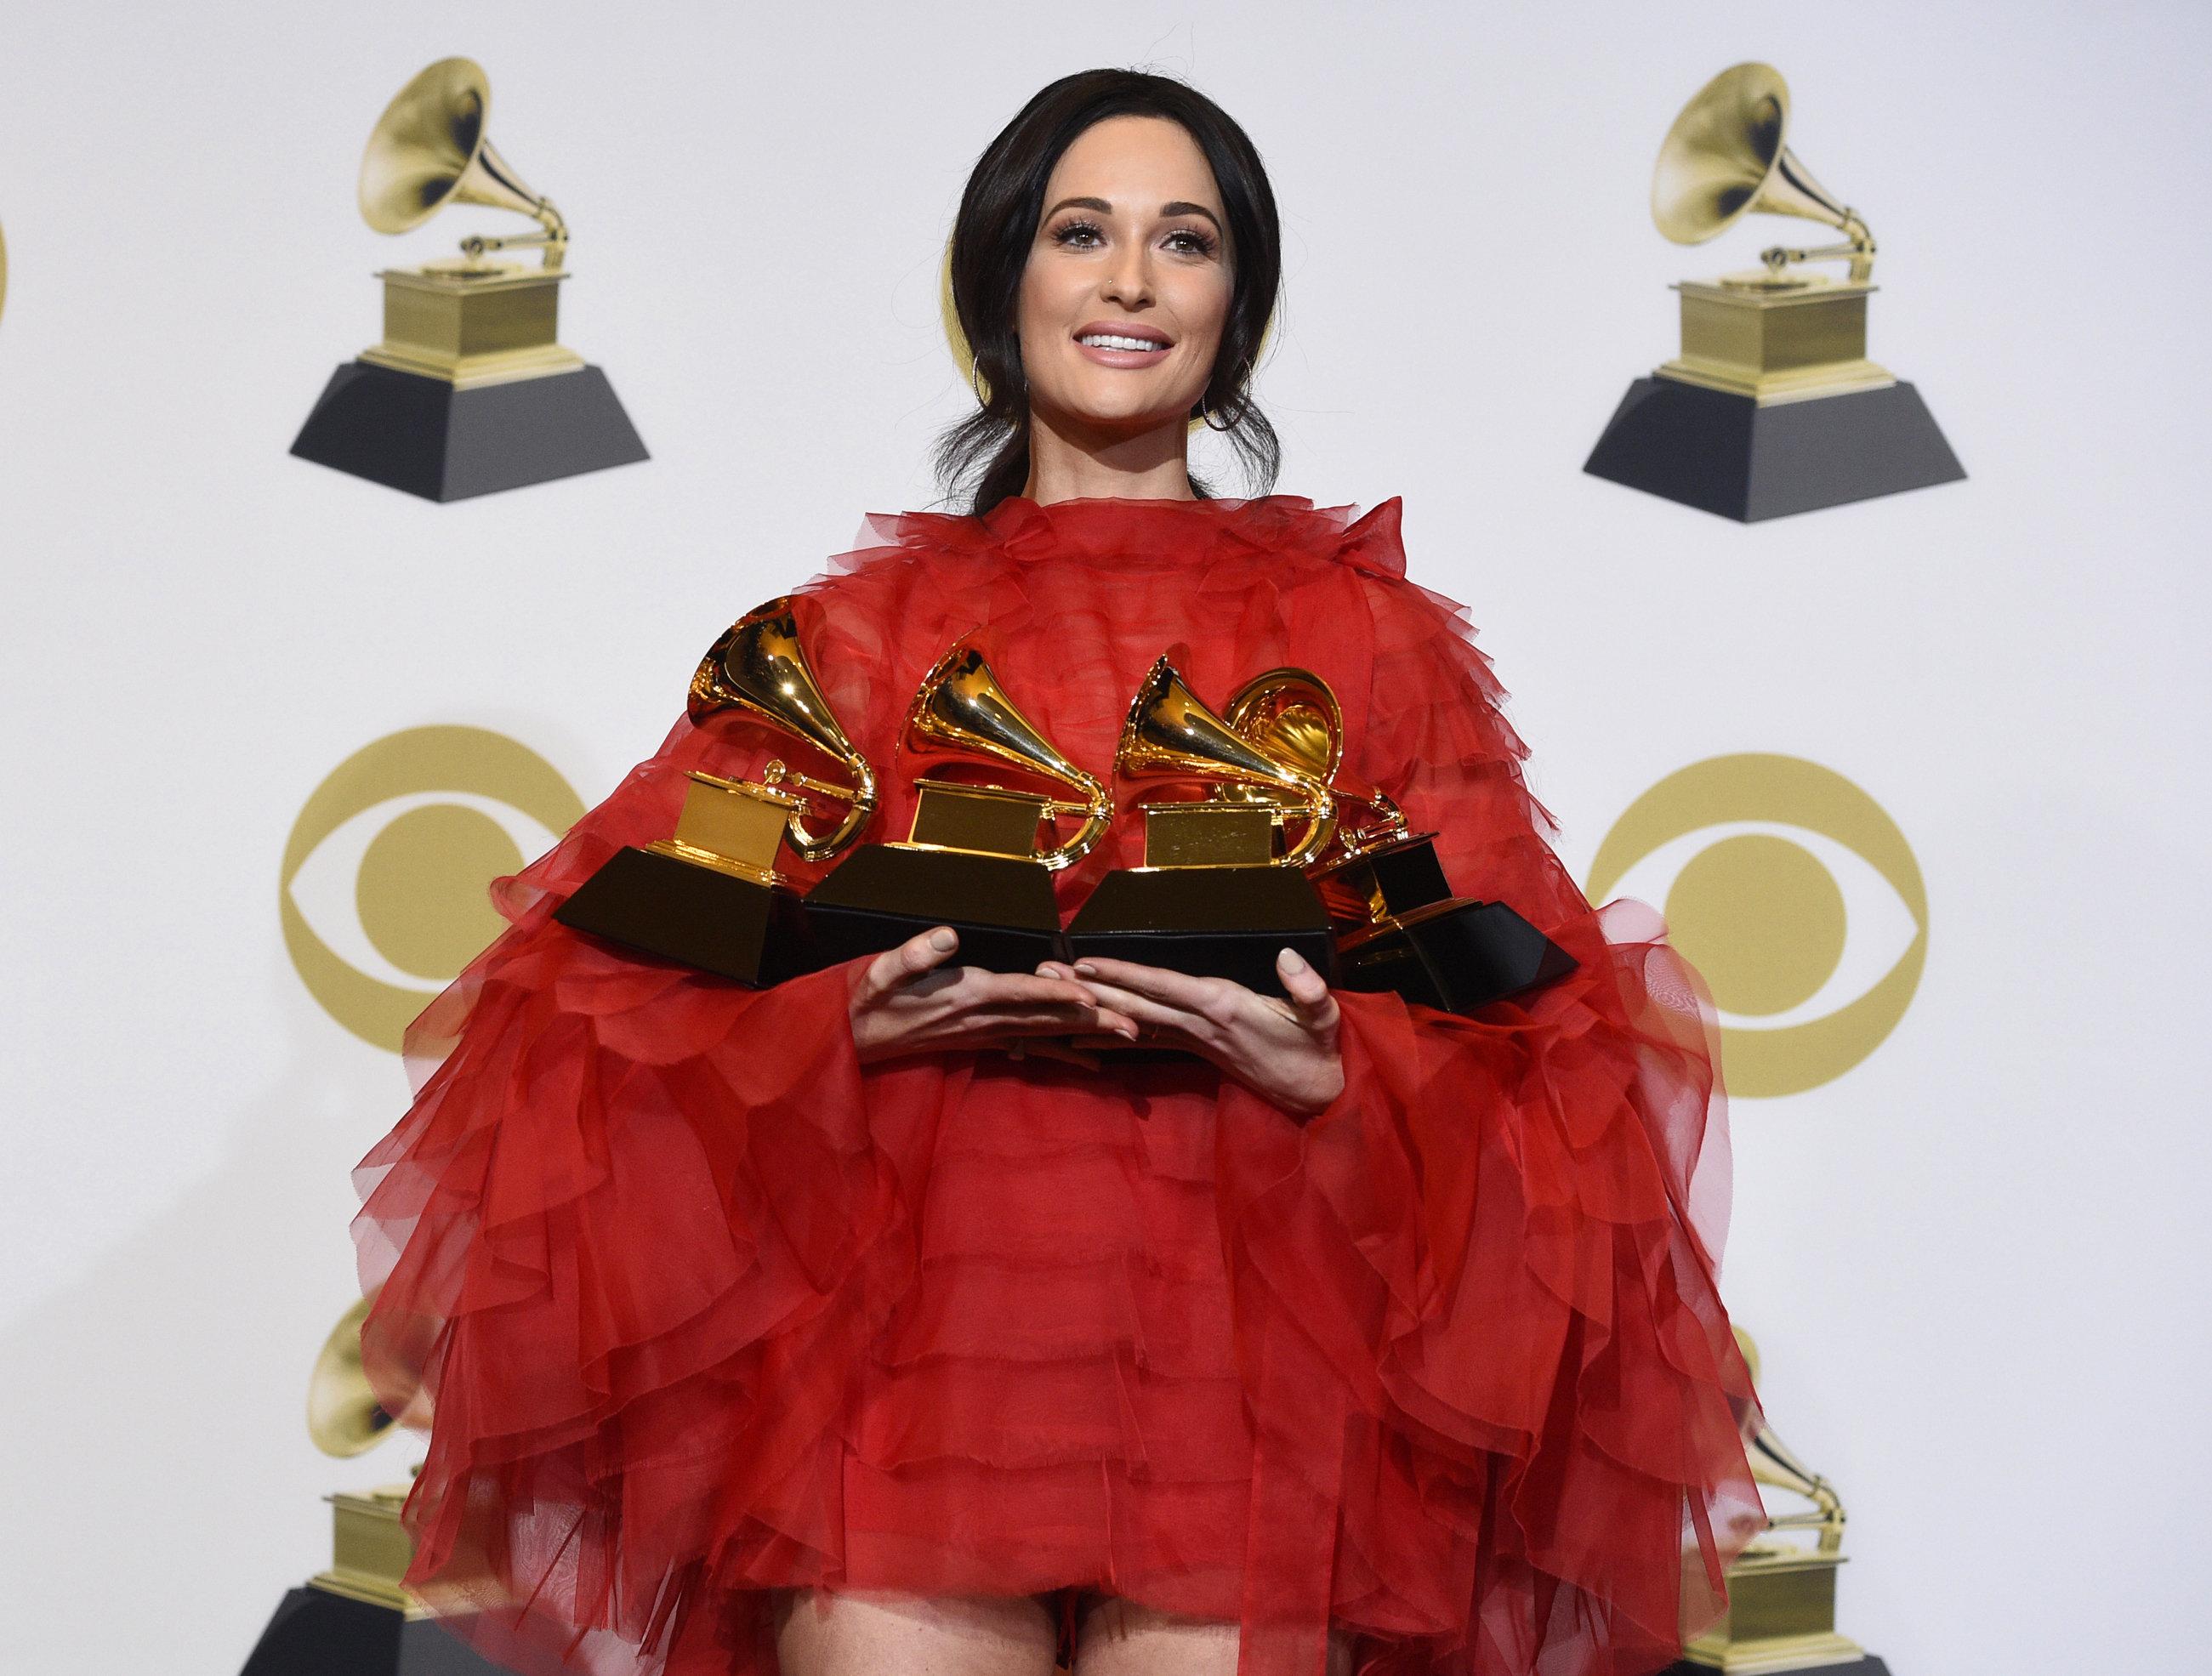 Qui est Kacey Musgraves, gagnante de l'album de l'année aux Grammy Awards